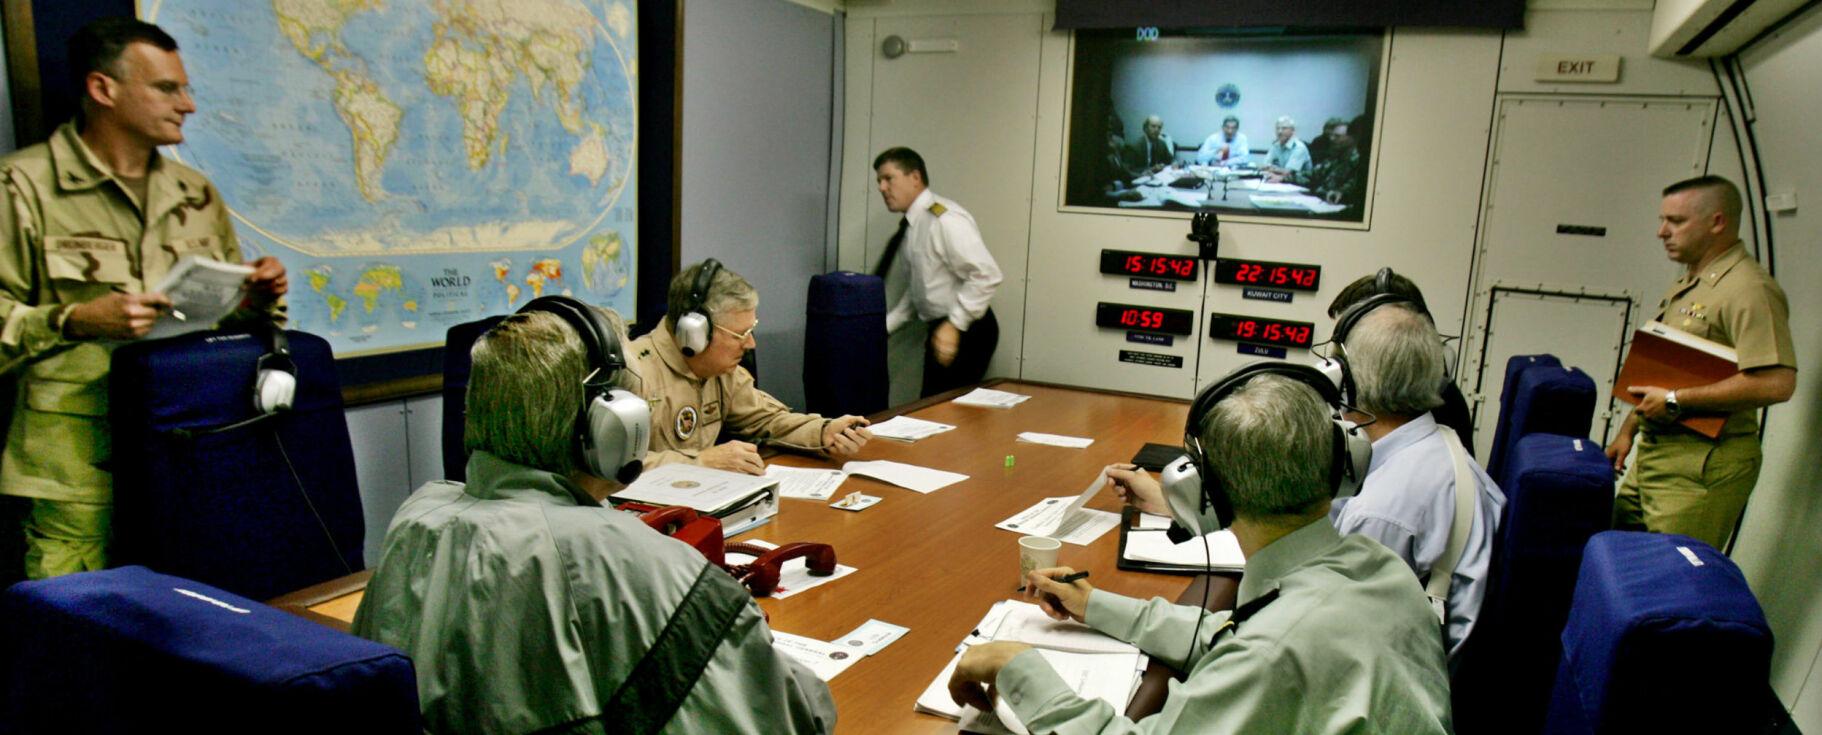 «DOMMEDAGSFLYET»:Dette flyet skal sikre USAs president og øverste ledelse under et dommedagsscenario. Bildet viser tidligere forsvarsminister Donald H. Rumsfeld (til venstre med ryggen til) under en telekonferanse med Pentagon, der han diskuterte situasjonen i Irak i 2004. Foto: David Hume Kennerly/AP/NTB Scanpix